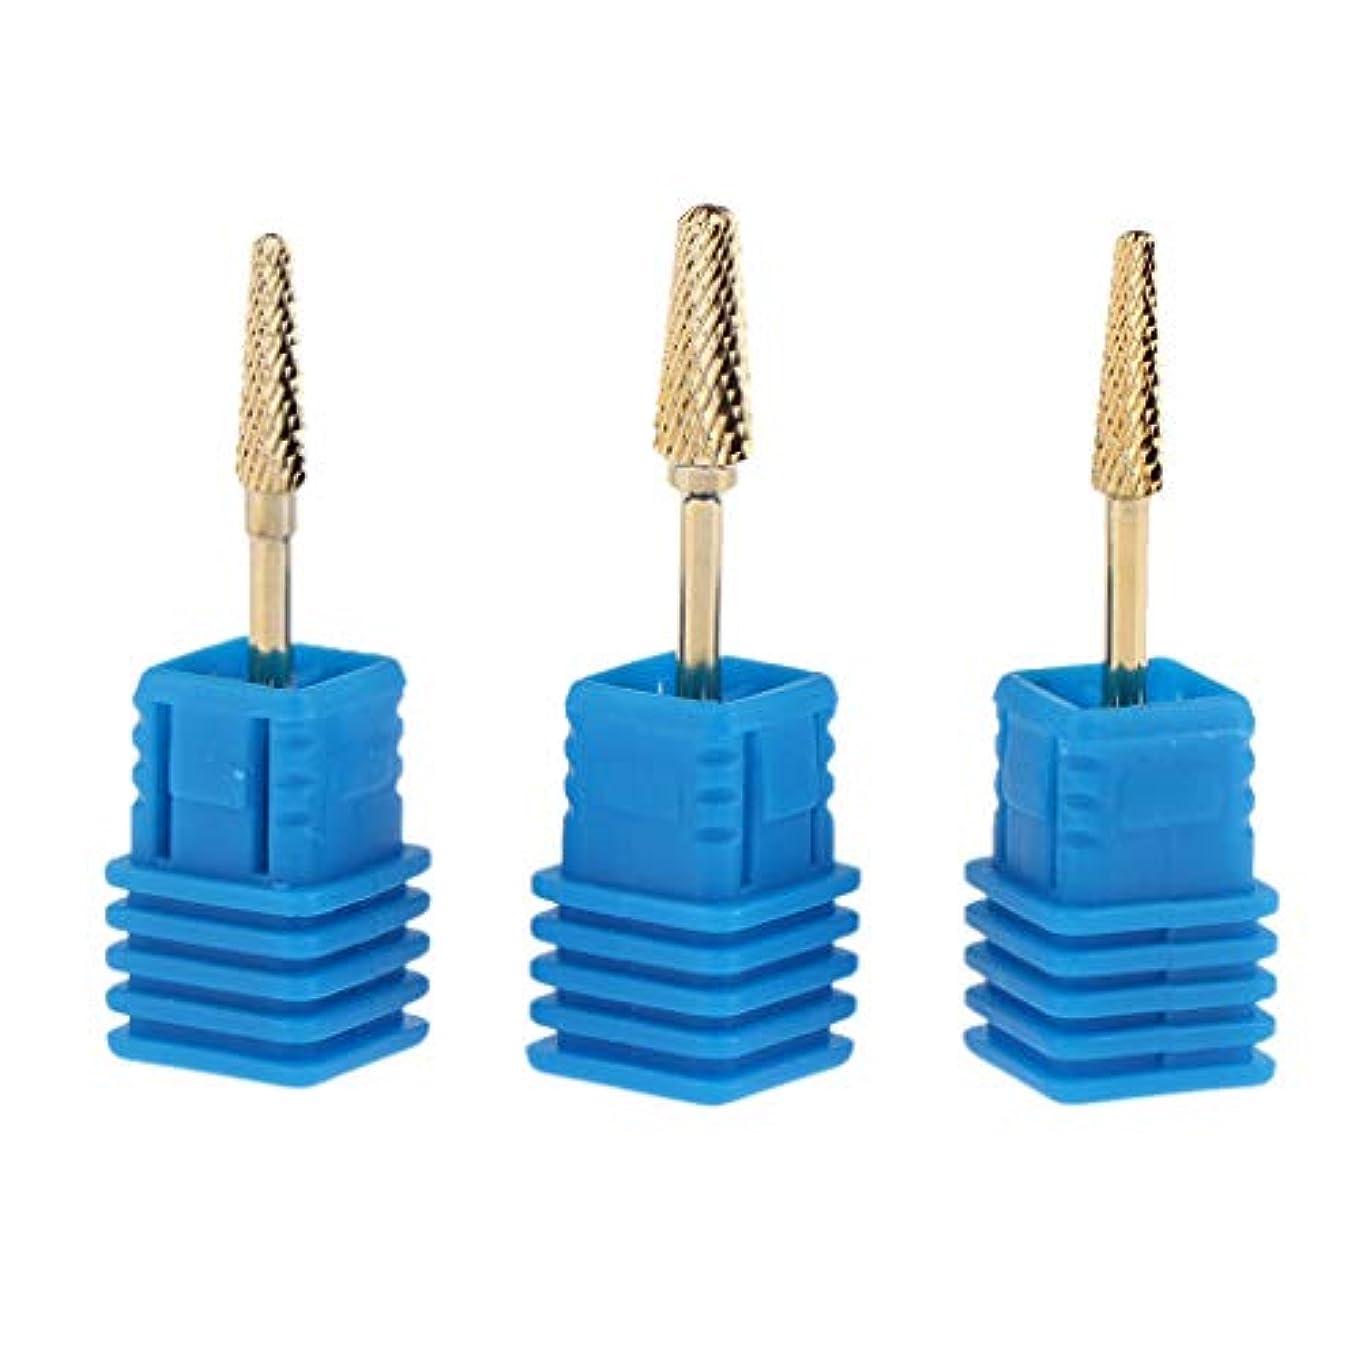 繁雑スラック弾力性のあるInjoyo 小型バレルヘッド ネイルドリルビットセット アタッチメント 爪磨き キューティクル シルキータッチ 3個